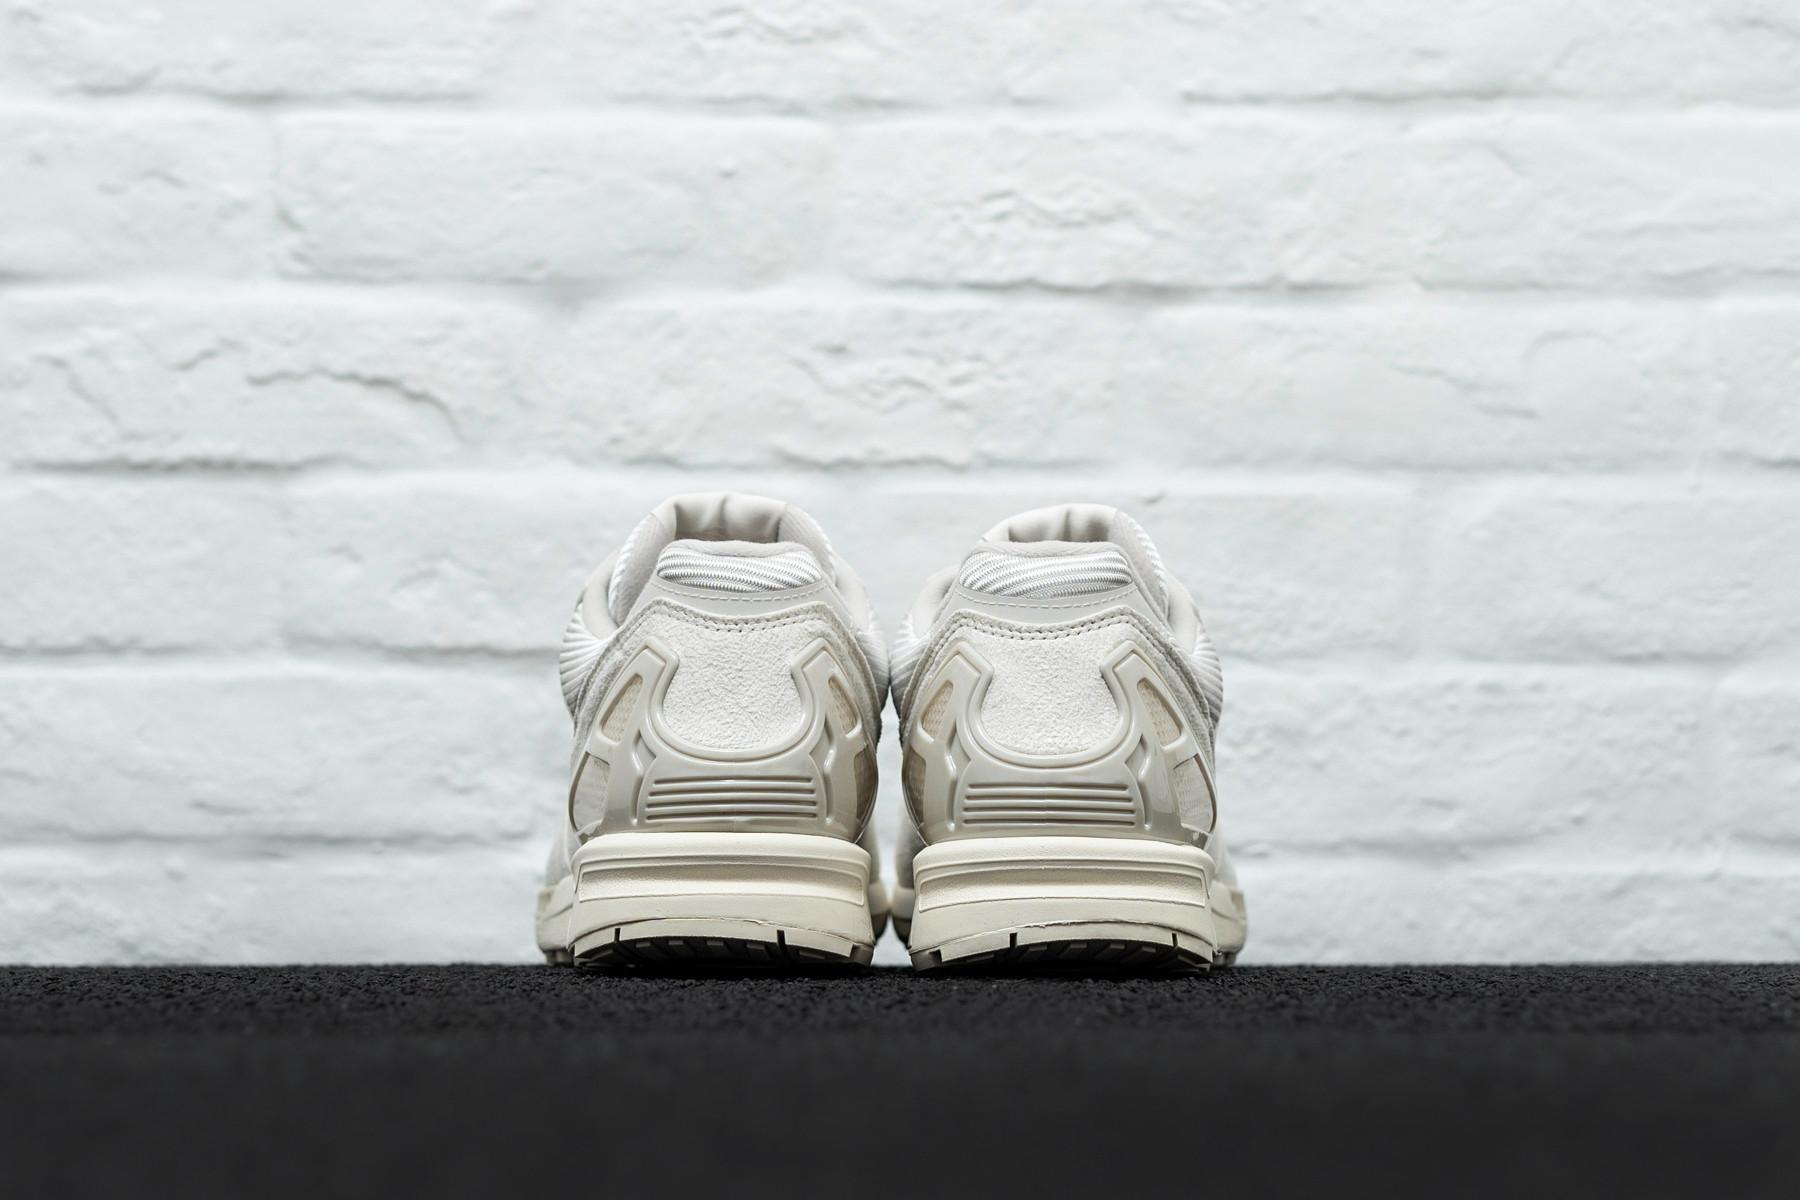 Adidas ZX 8000 | Favoritter fra Adidas finner du hos SKILLS